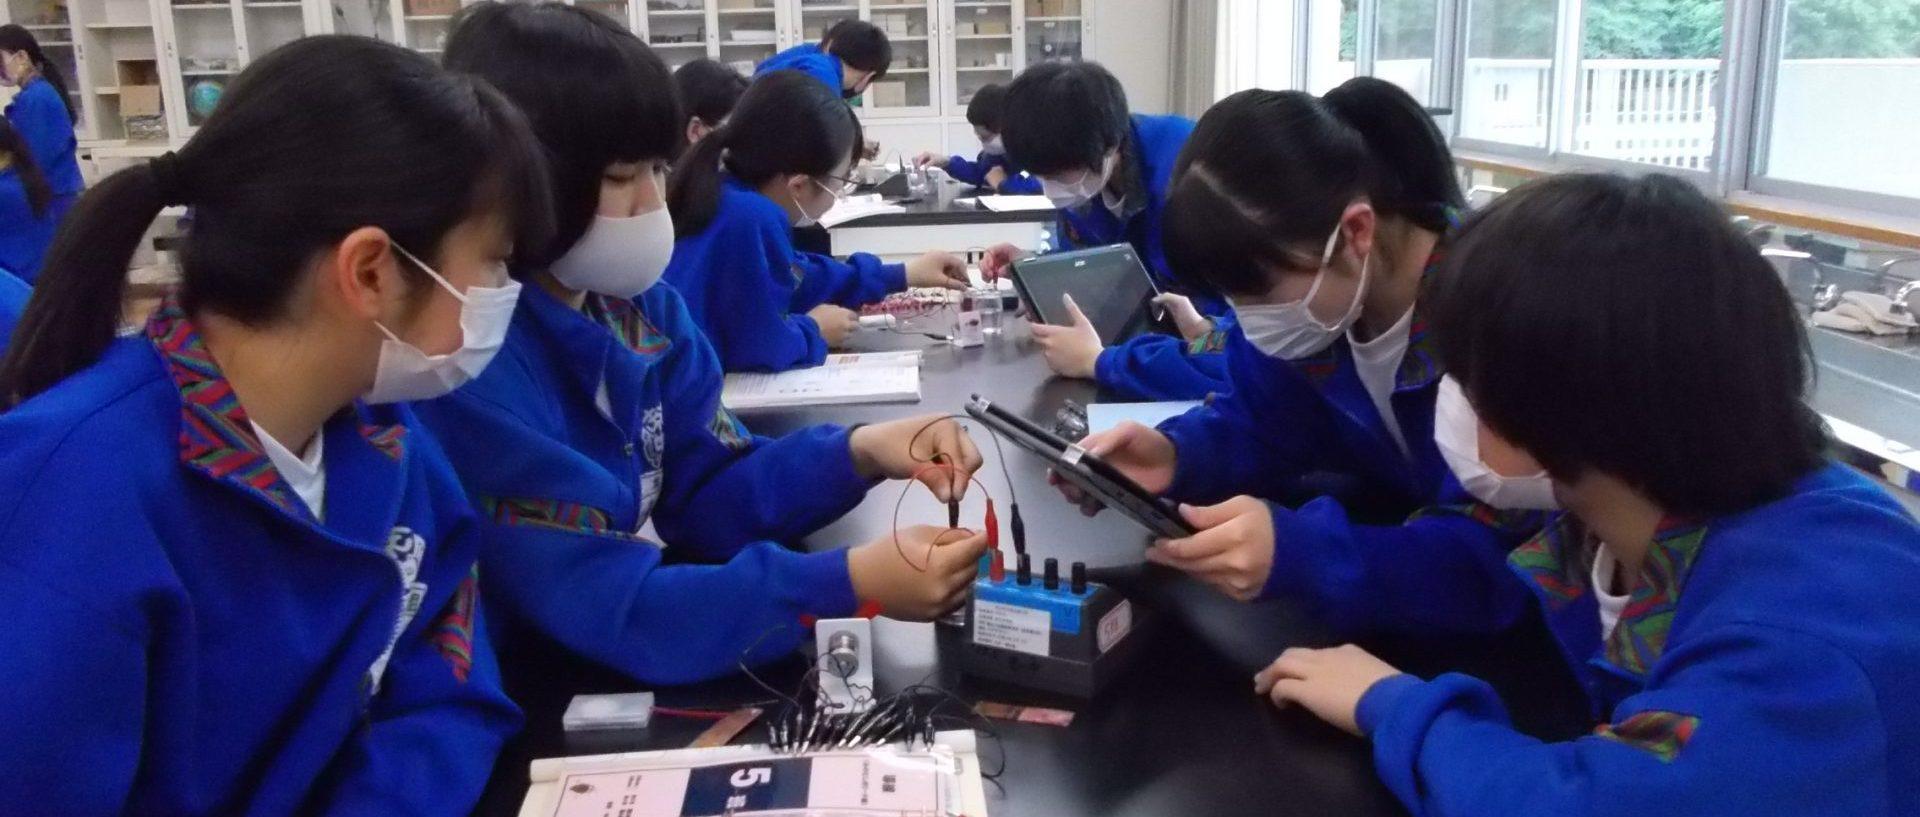 秩父市立荒川中学校 メインイメージ